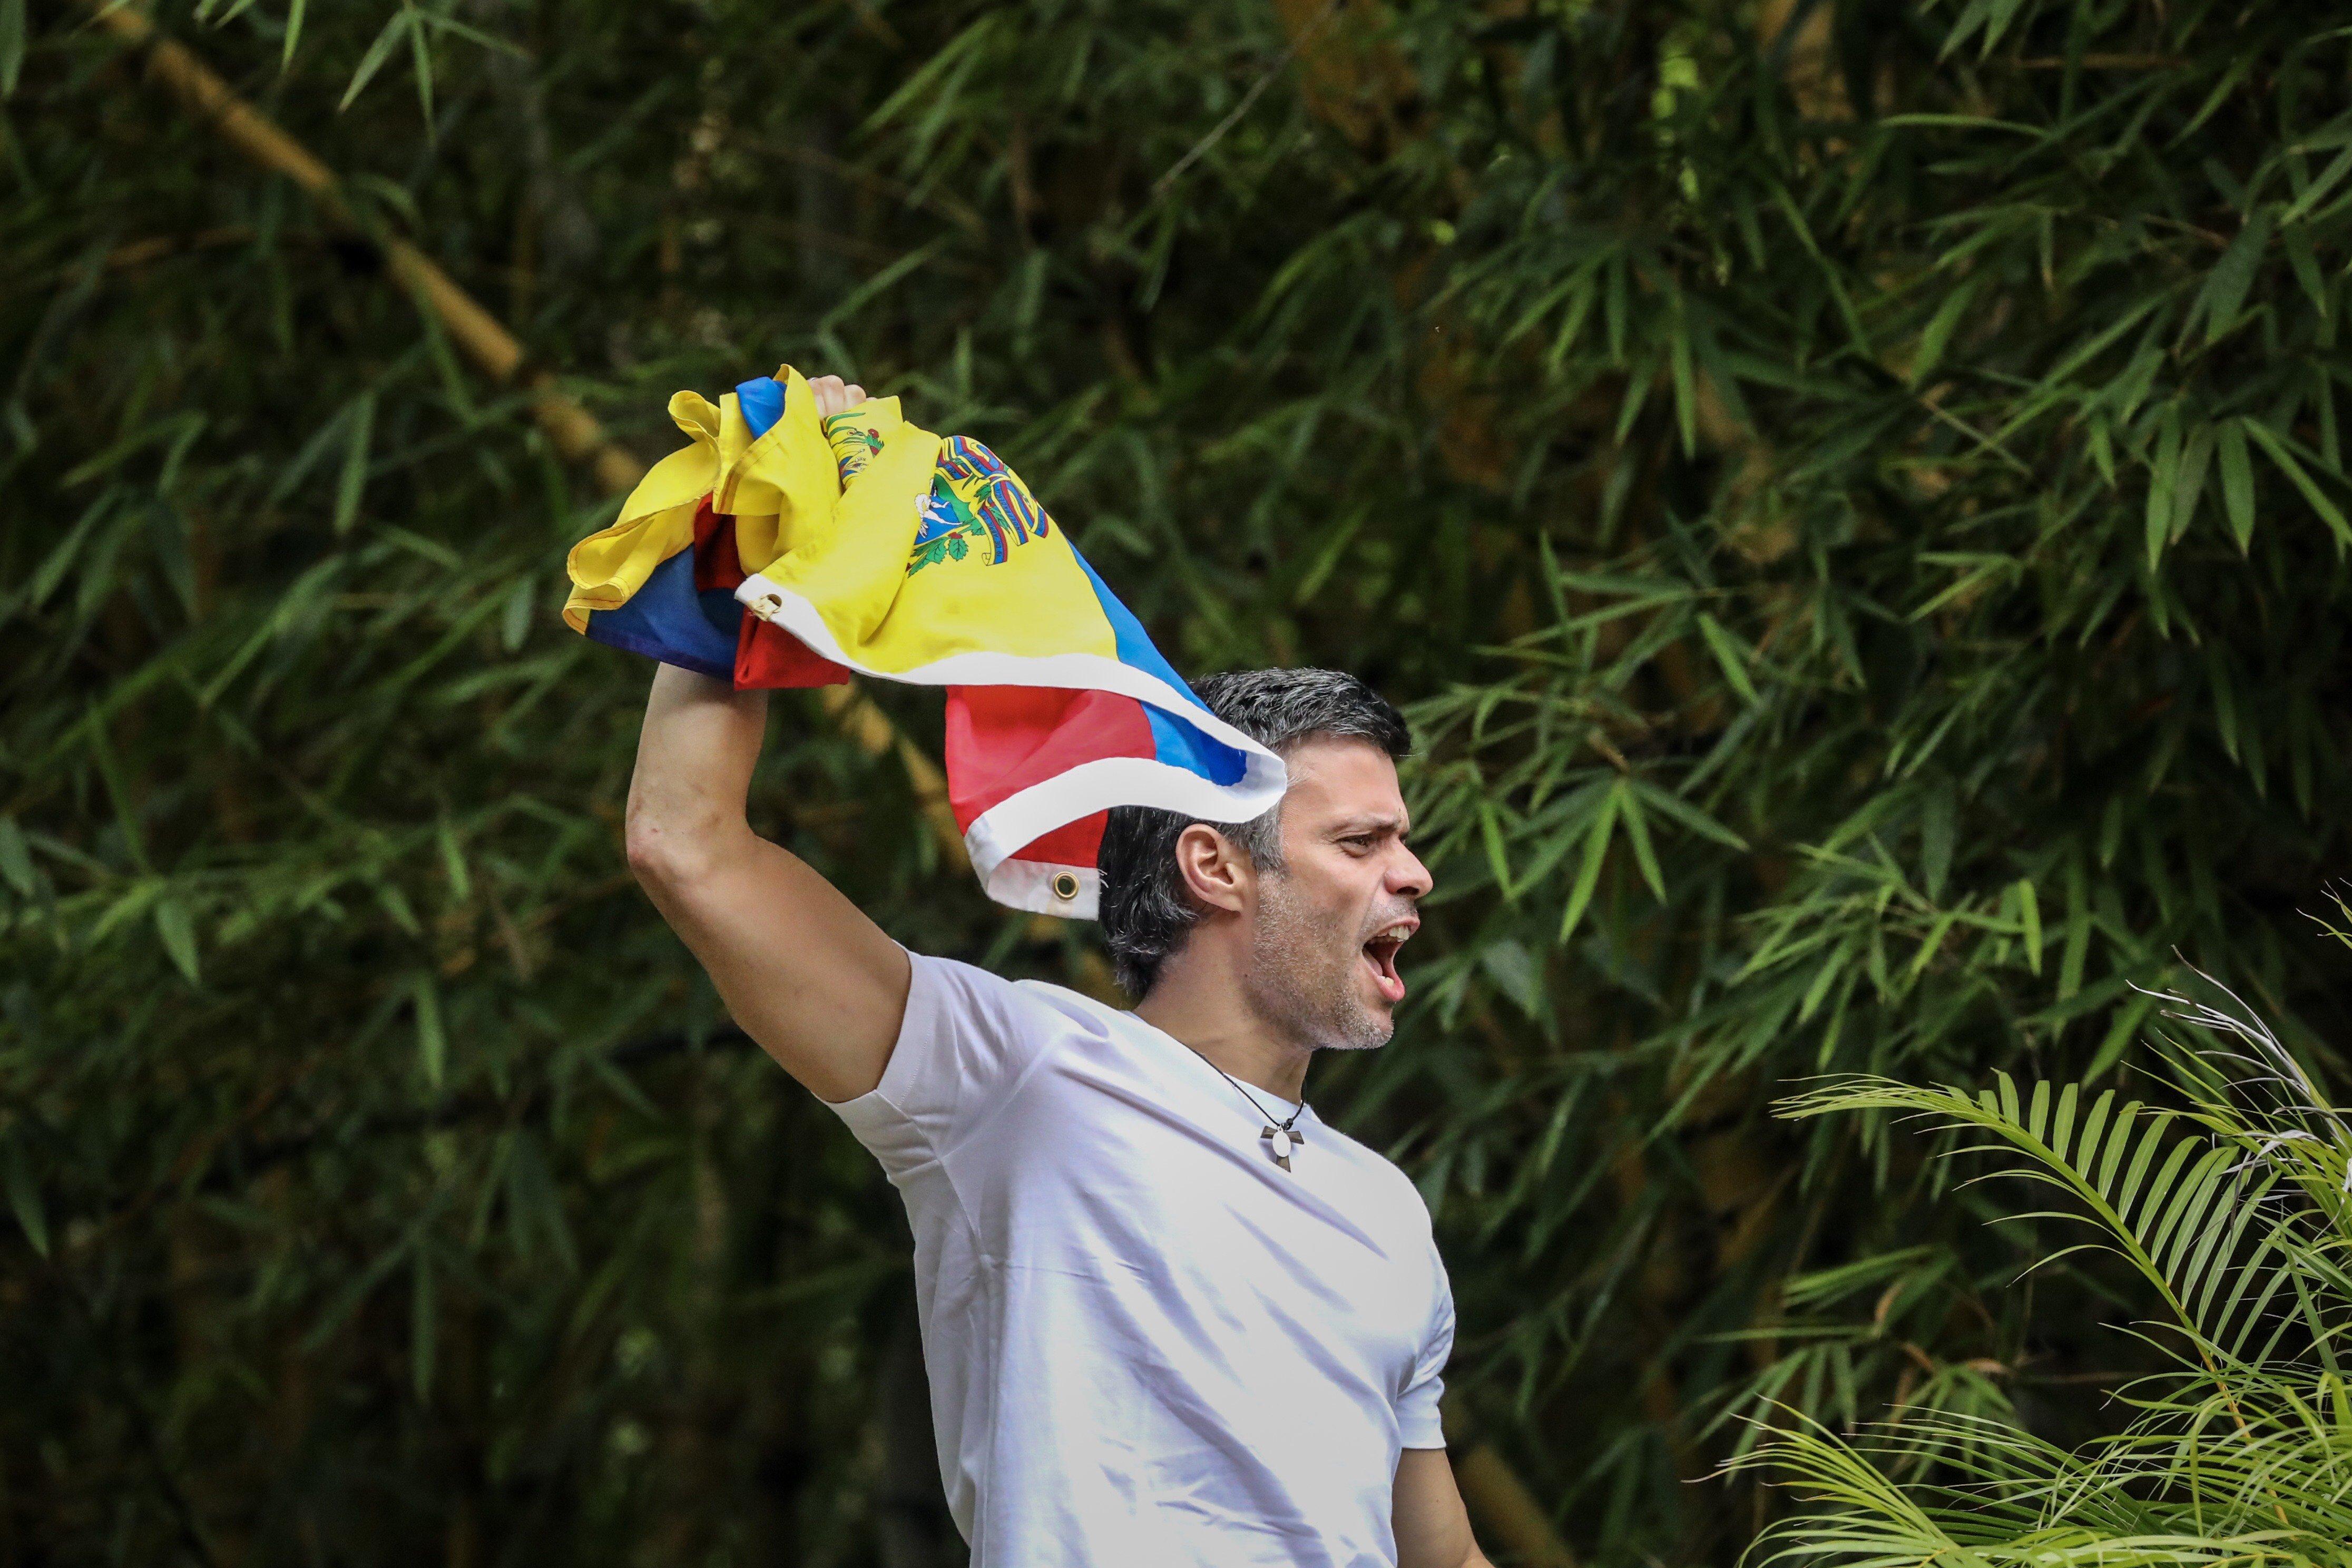 CAR28. CARACAS (VENEZUELA), 08/07/2017.- El opositor venezolano Leopoldo López saluda a seguidores hoy, sábado 8 de julio de 2017, en la entrada de su casa en Caracas (Venezuela). Leopoldo López saludó hoy desde dentro de su residencia en Caracas a la que llegó esta madrugada tras recibir una medida de arresto domiciliario que le sacó de la prisión militar en la que estaba recluido desde febrero de 2014, con una condena de 14 años de cárcel. EFE/MIGUEL GUTIÉRREZ